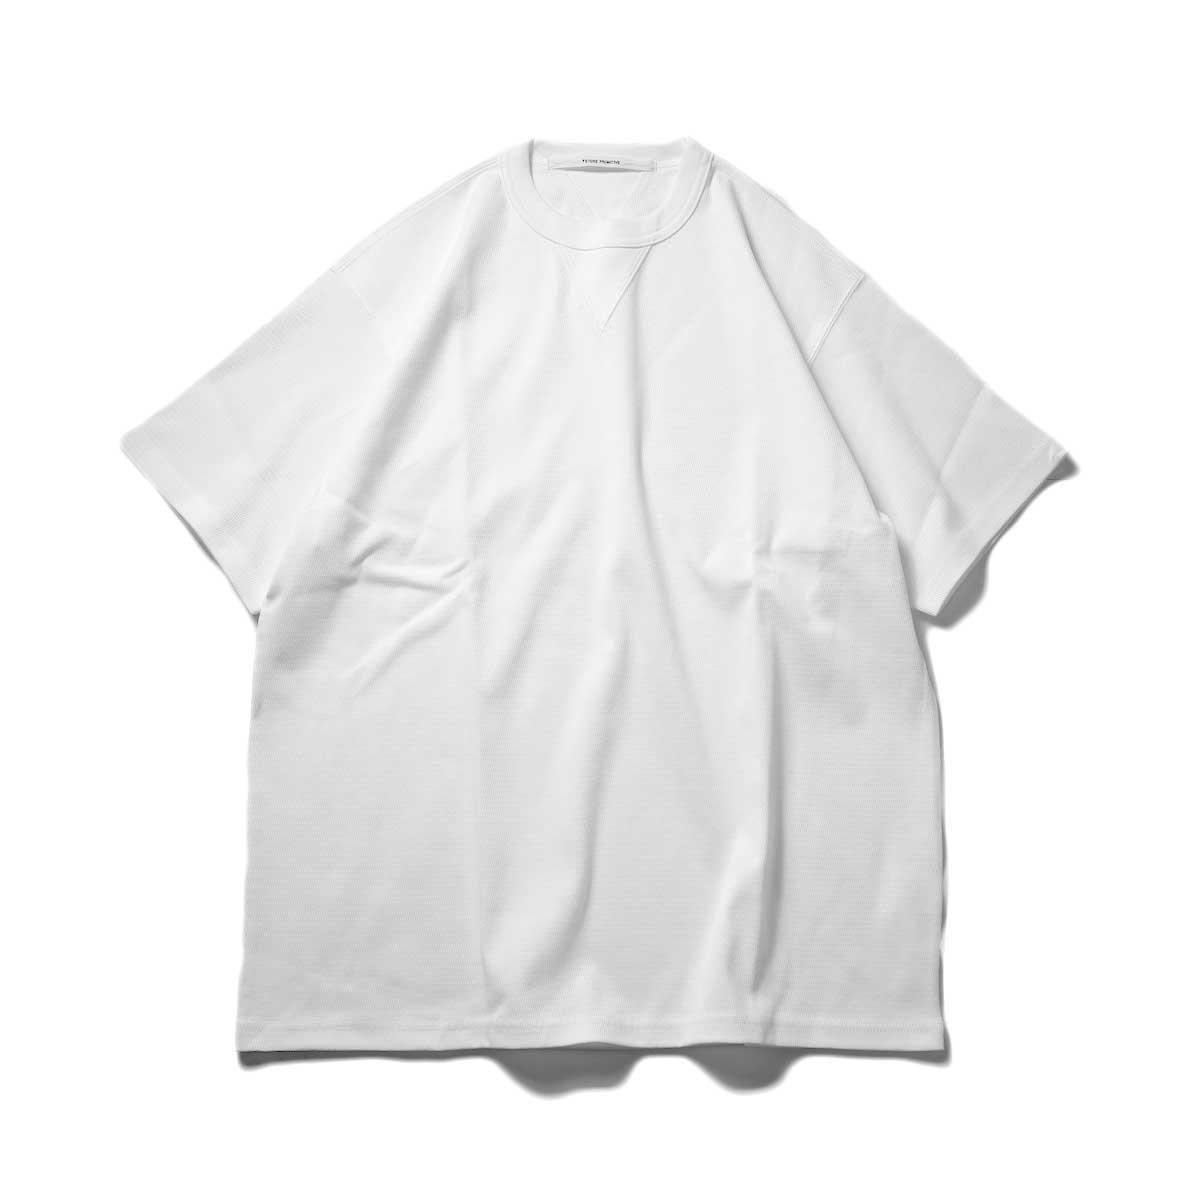 FUTURE PRIMITIVE / FP THERMAL V T-SHIRT (White)